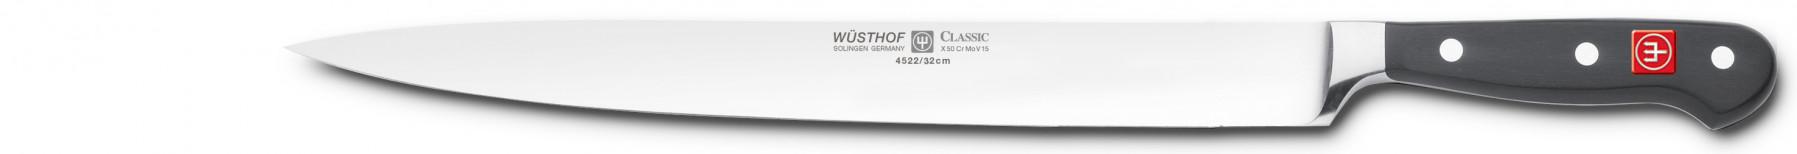 Wüsthof Dreizack Classic Tranchiermesser 32cm